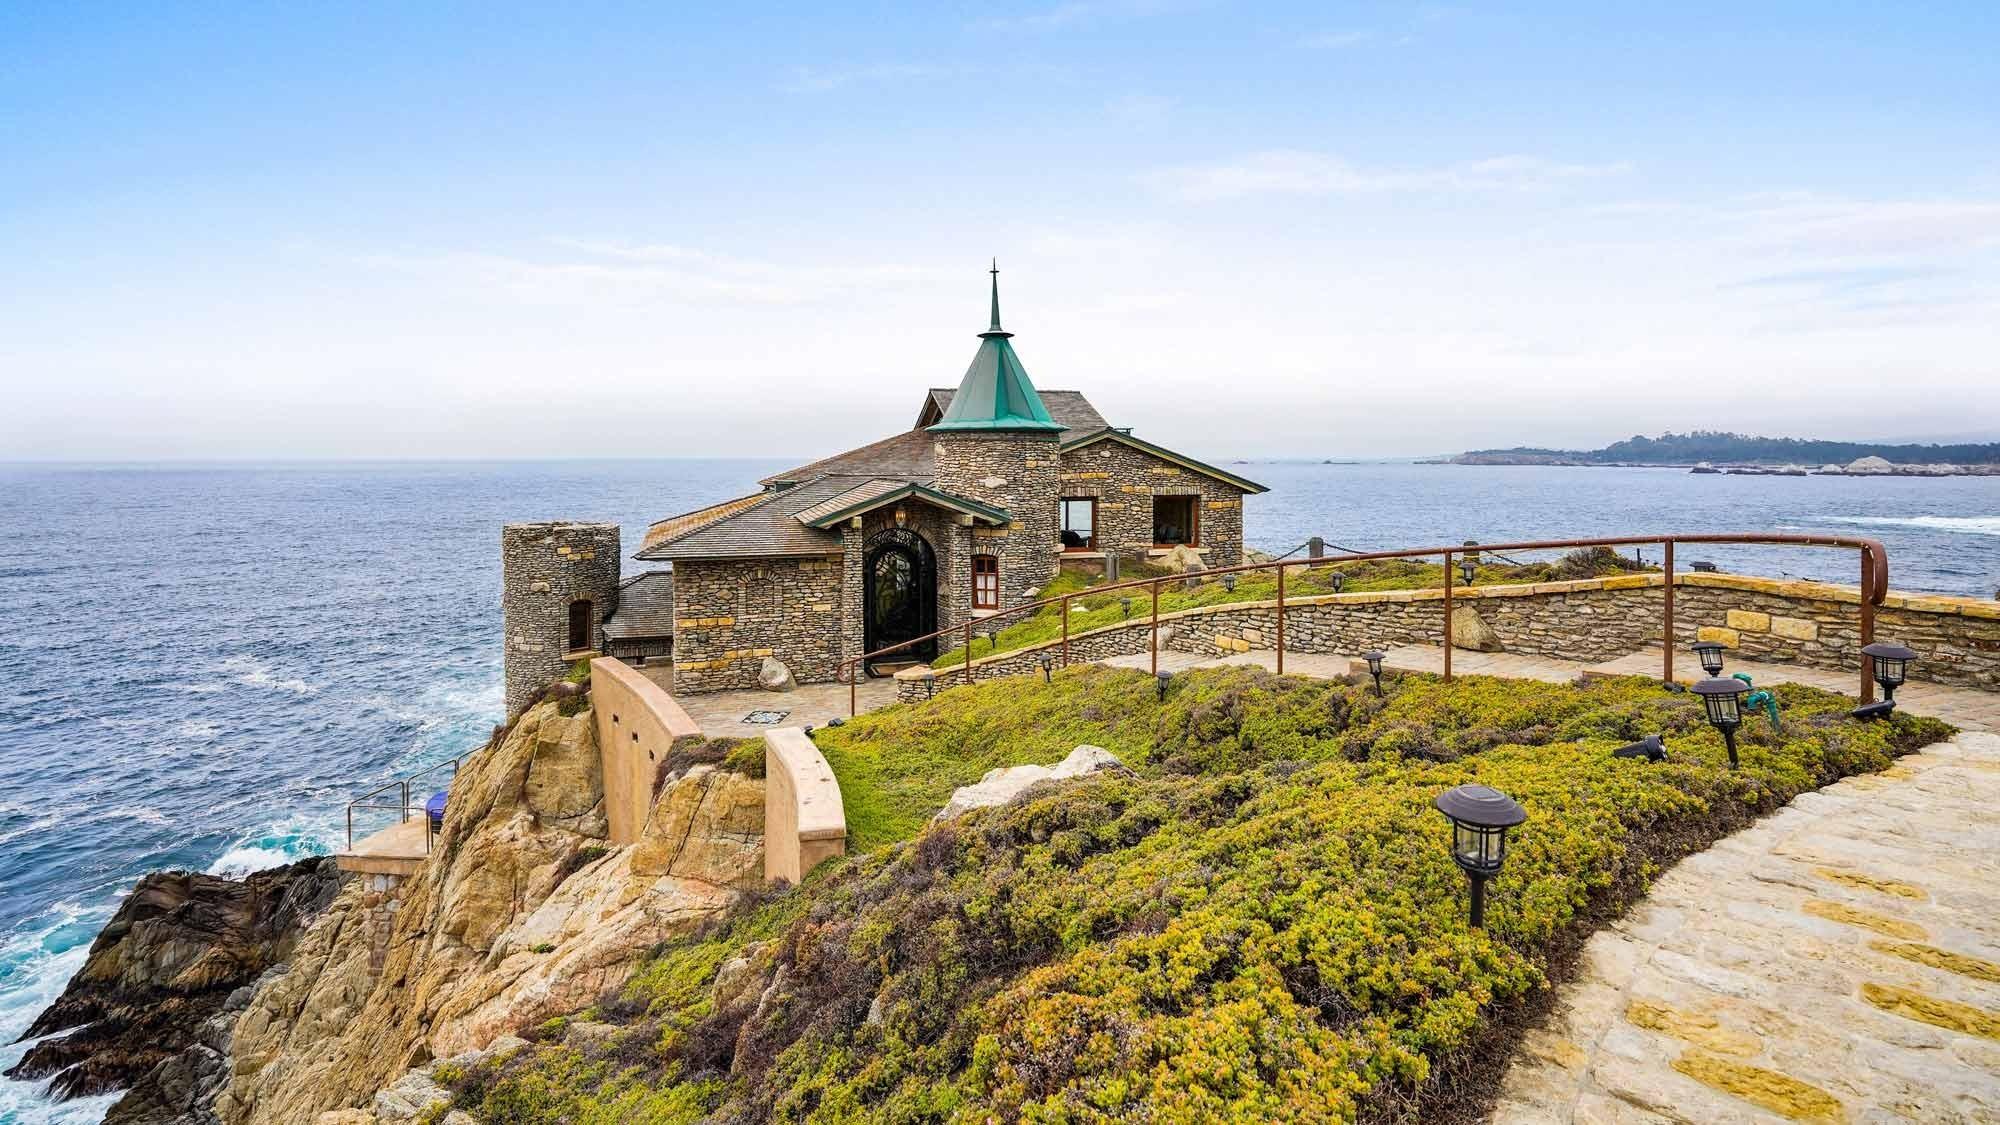 Klippenhaus in der Stadt Carmel in Kalifornien